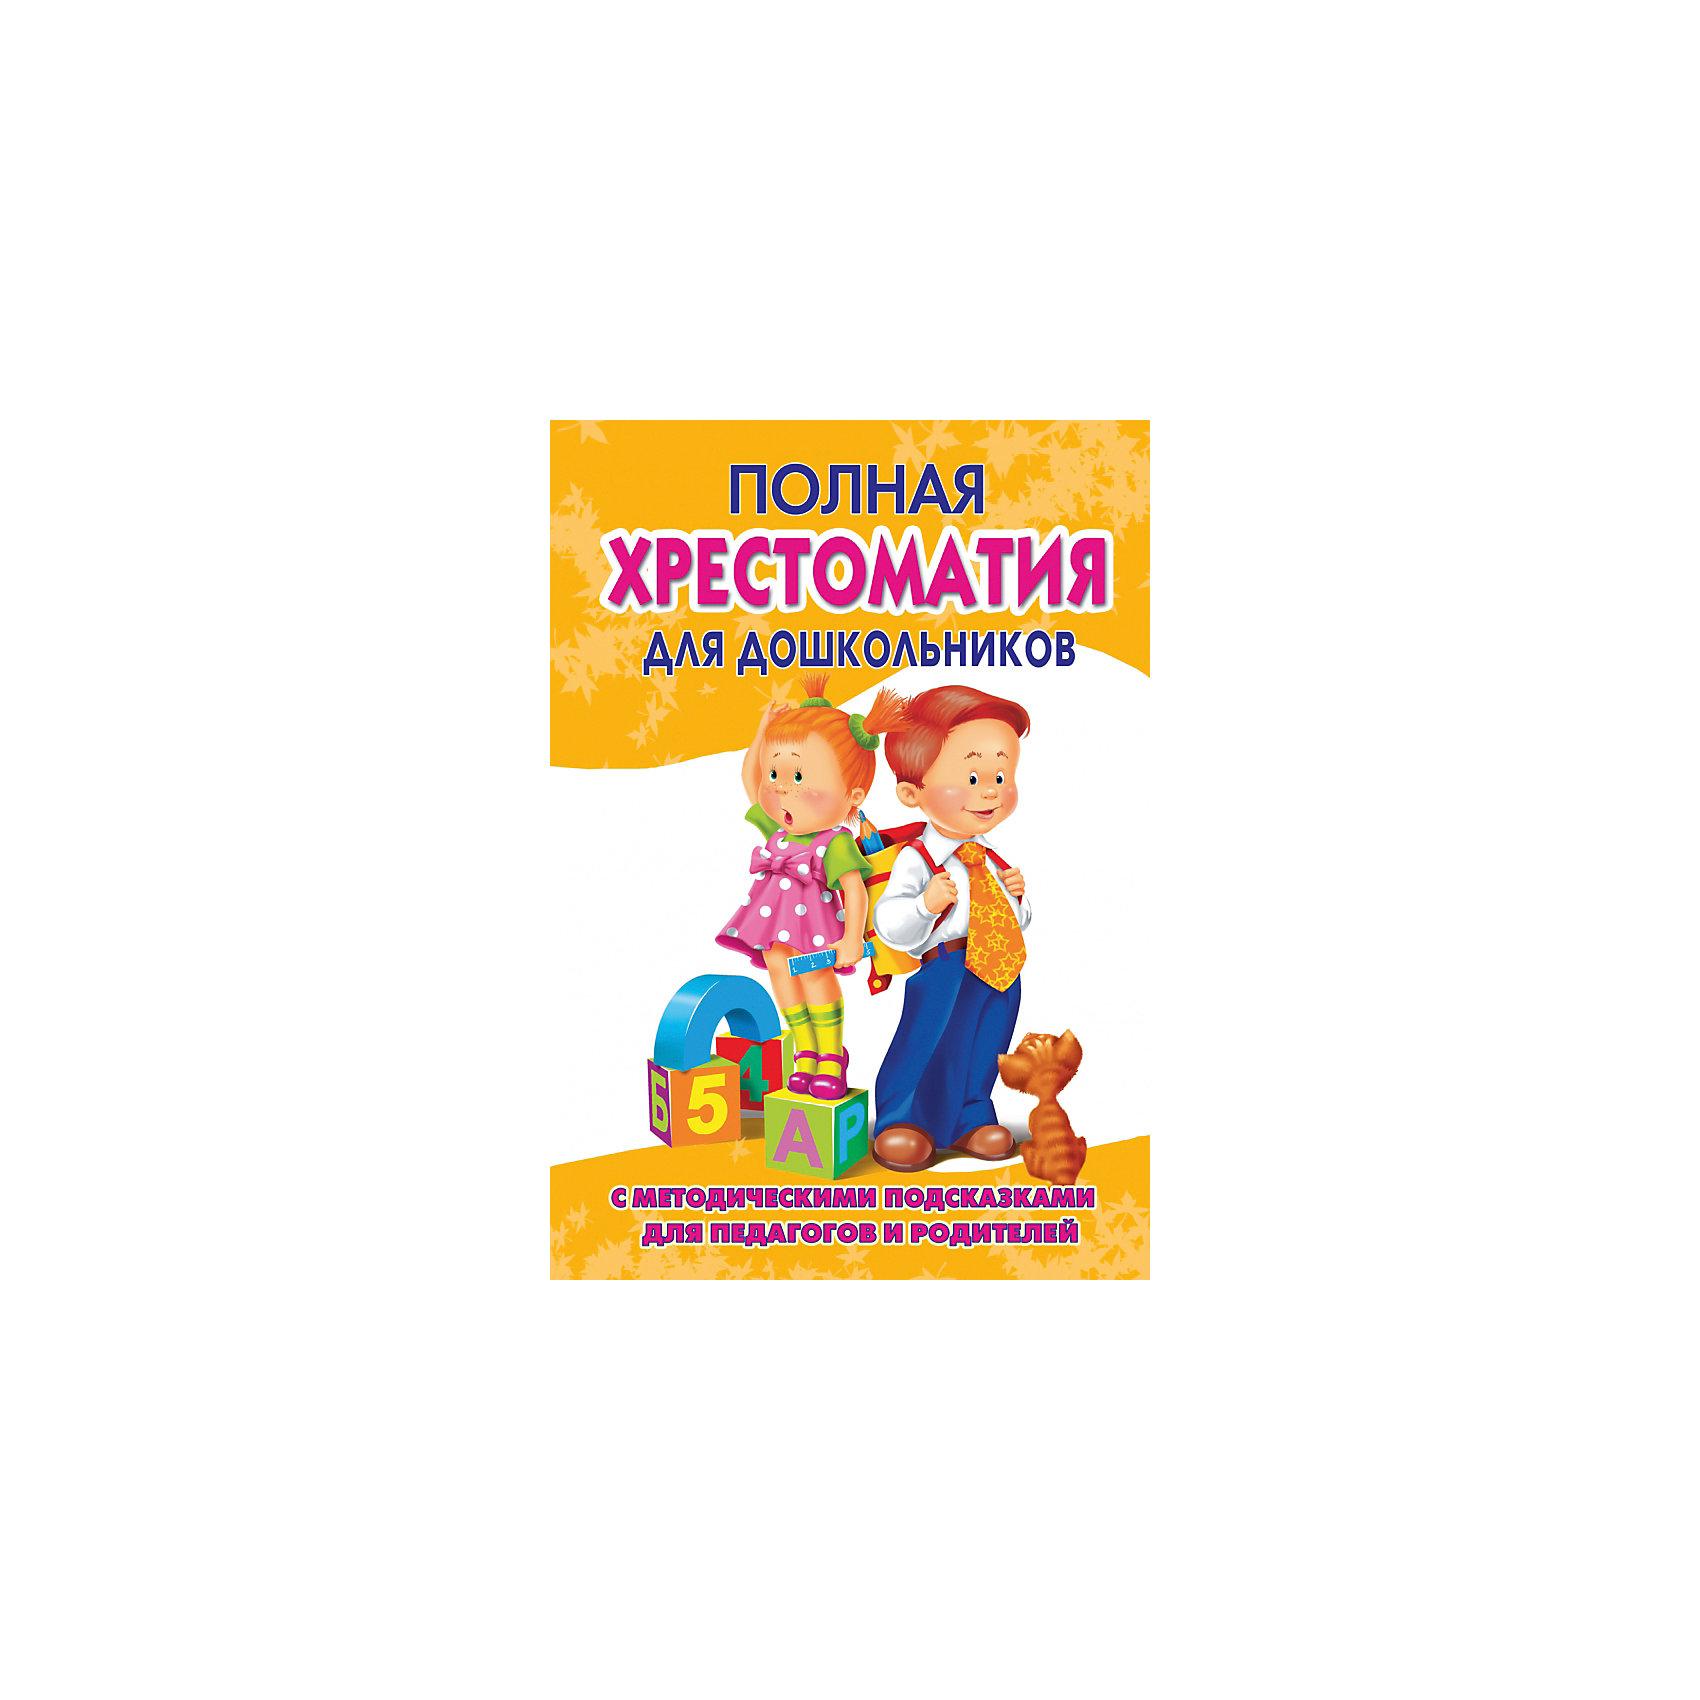 Книга 2. Полная хрестоматия для дошкольников с методическими подсказками